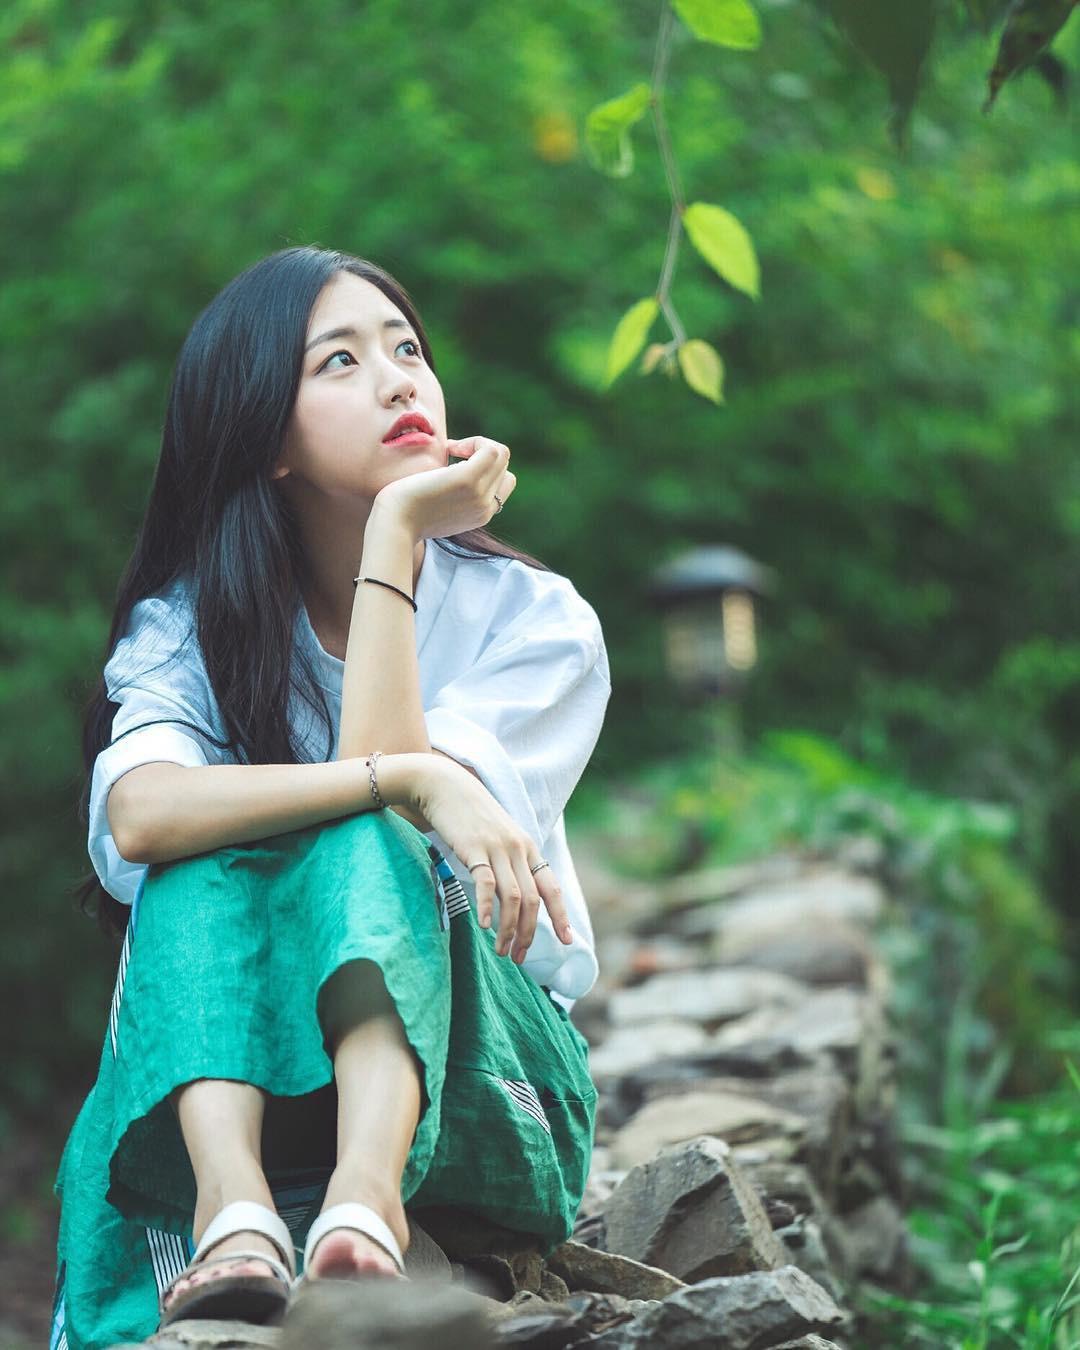 Nhan sắc nhẹ nhàng đúng chuẩn mối tình đầu của cô bạn đến từ Hàn Quốc - Ảnh 7.